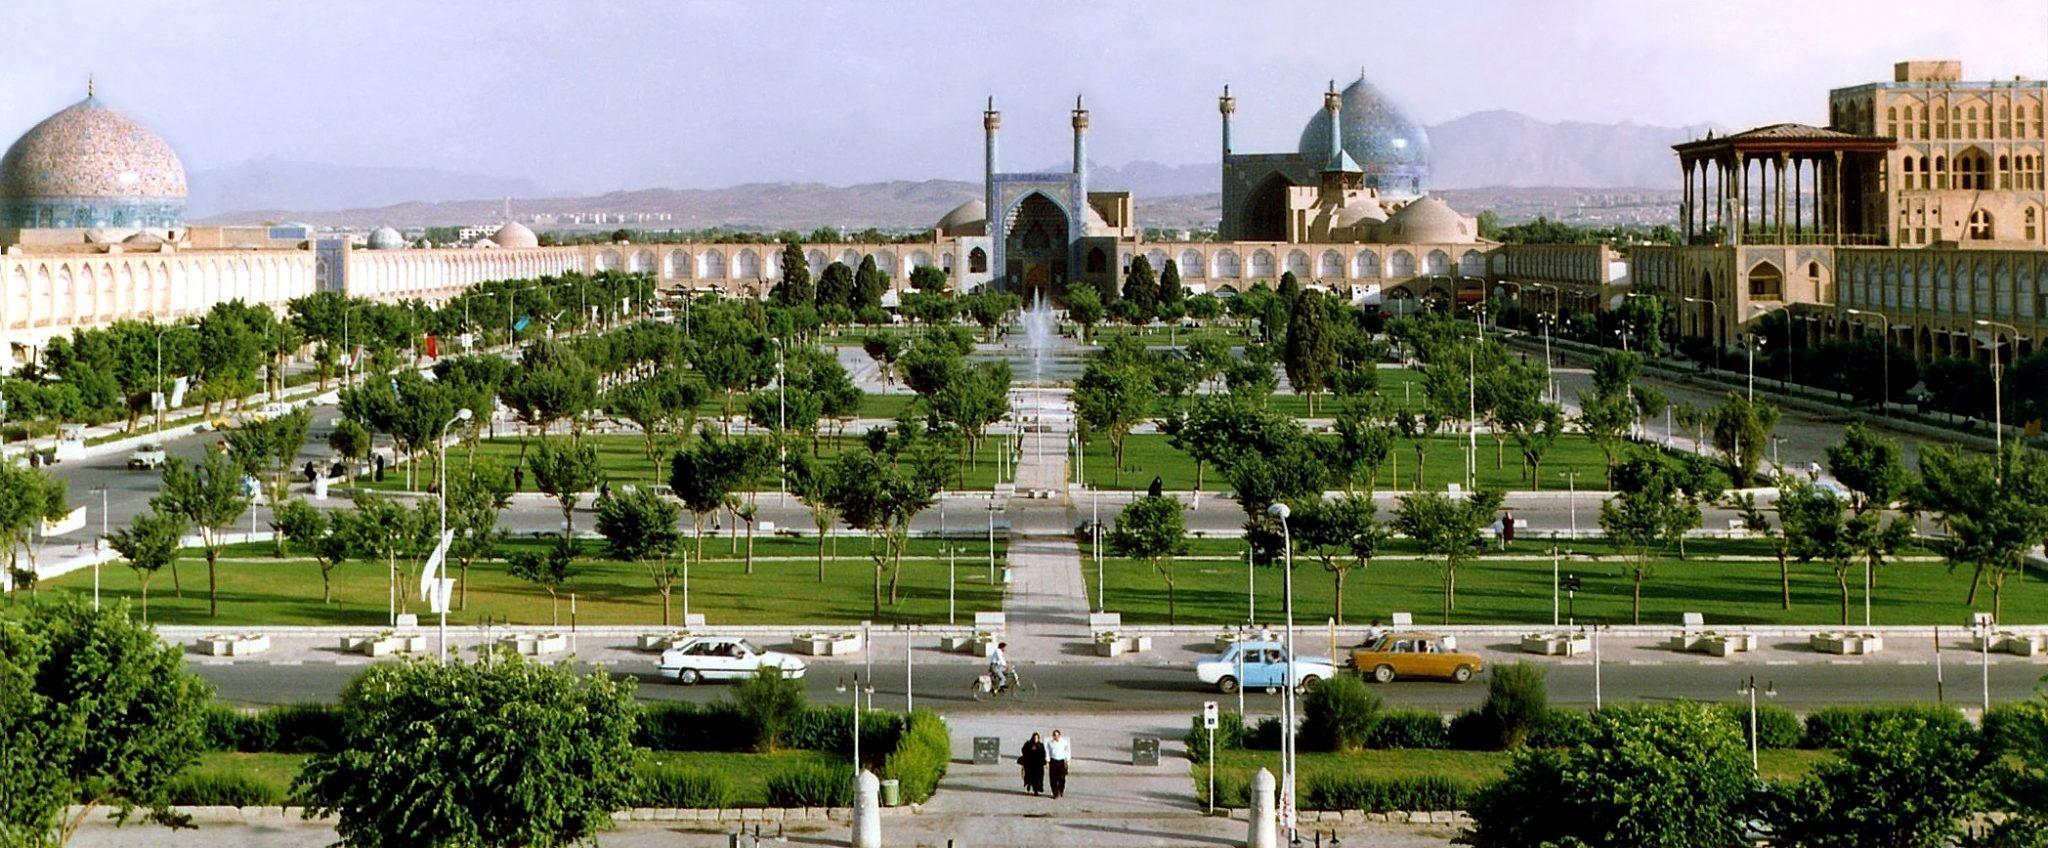 یکصد جاذبه دیدنی ایران (8) میدان نقش جهان-درست مصرف کنیم-آگاهی مصرف-آموزش همگانی